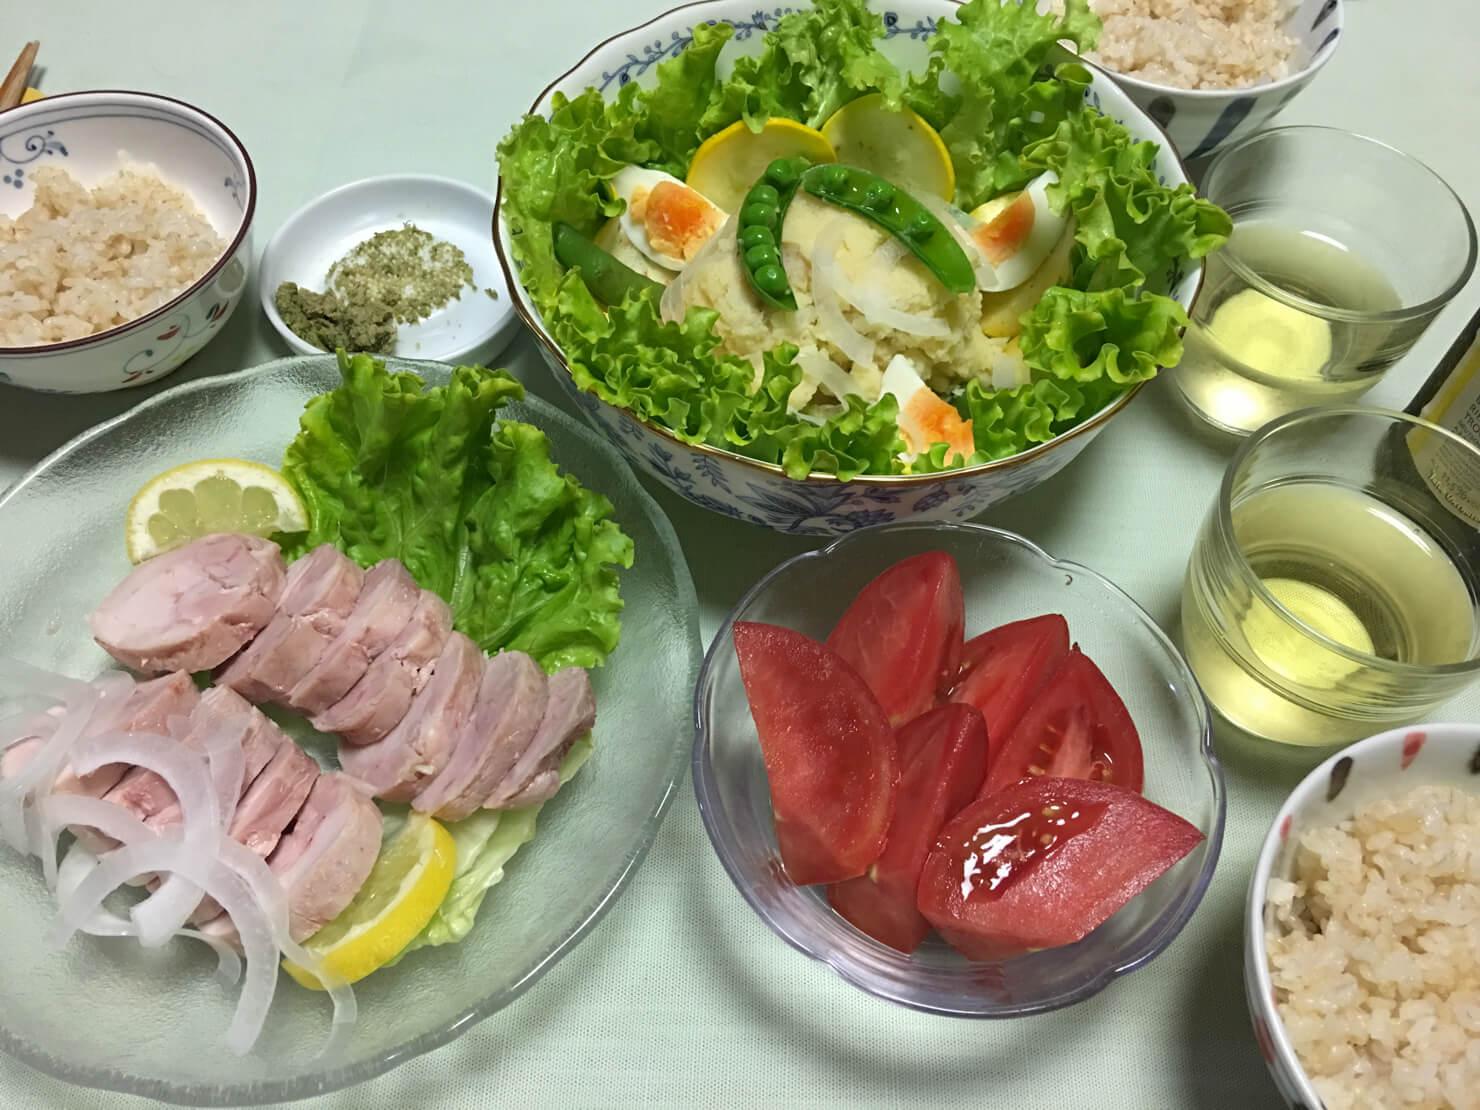 タラモサラダごちそうアレンジバージョン中心の晩御飯の写真